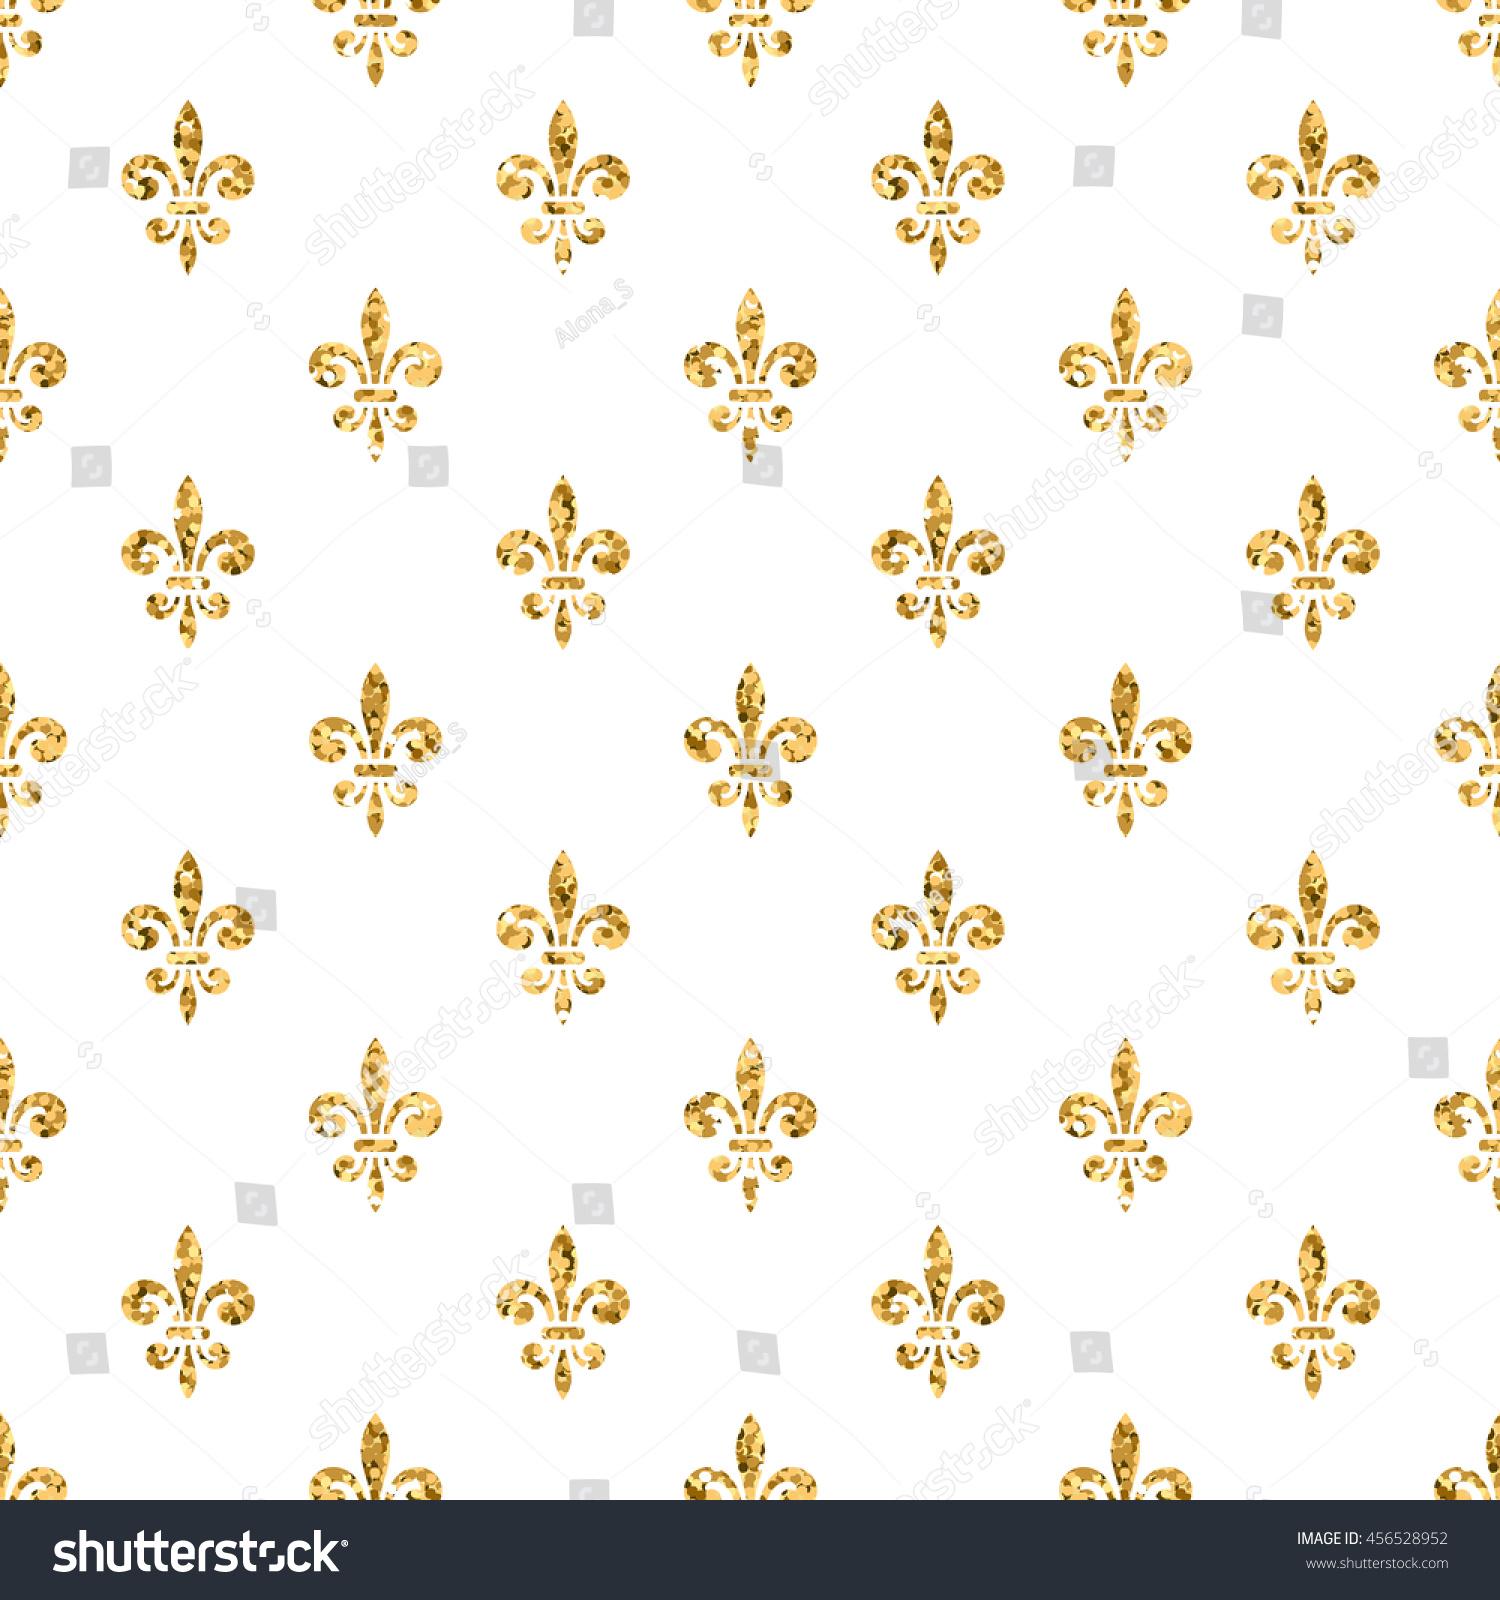 golden fleurdelis seamless pattern gold glitter stock illustration